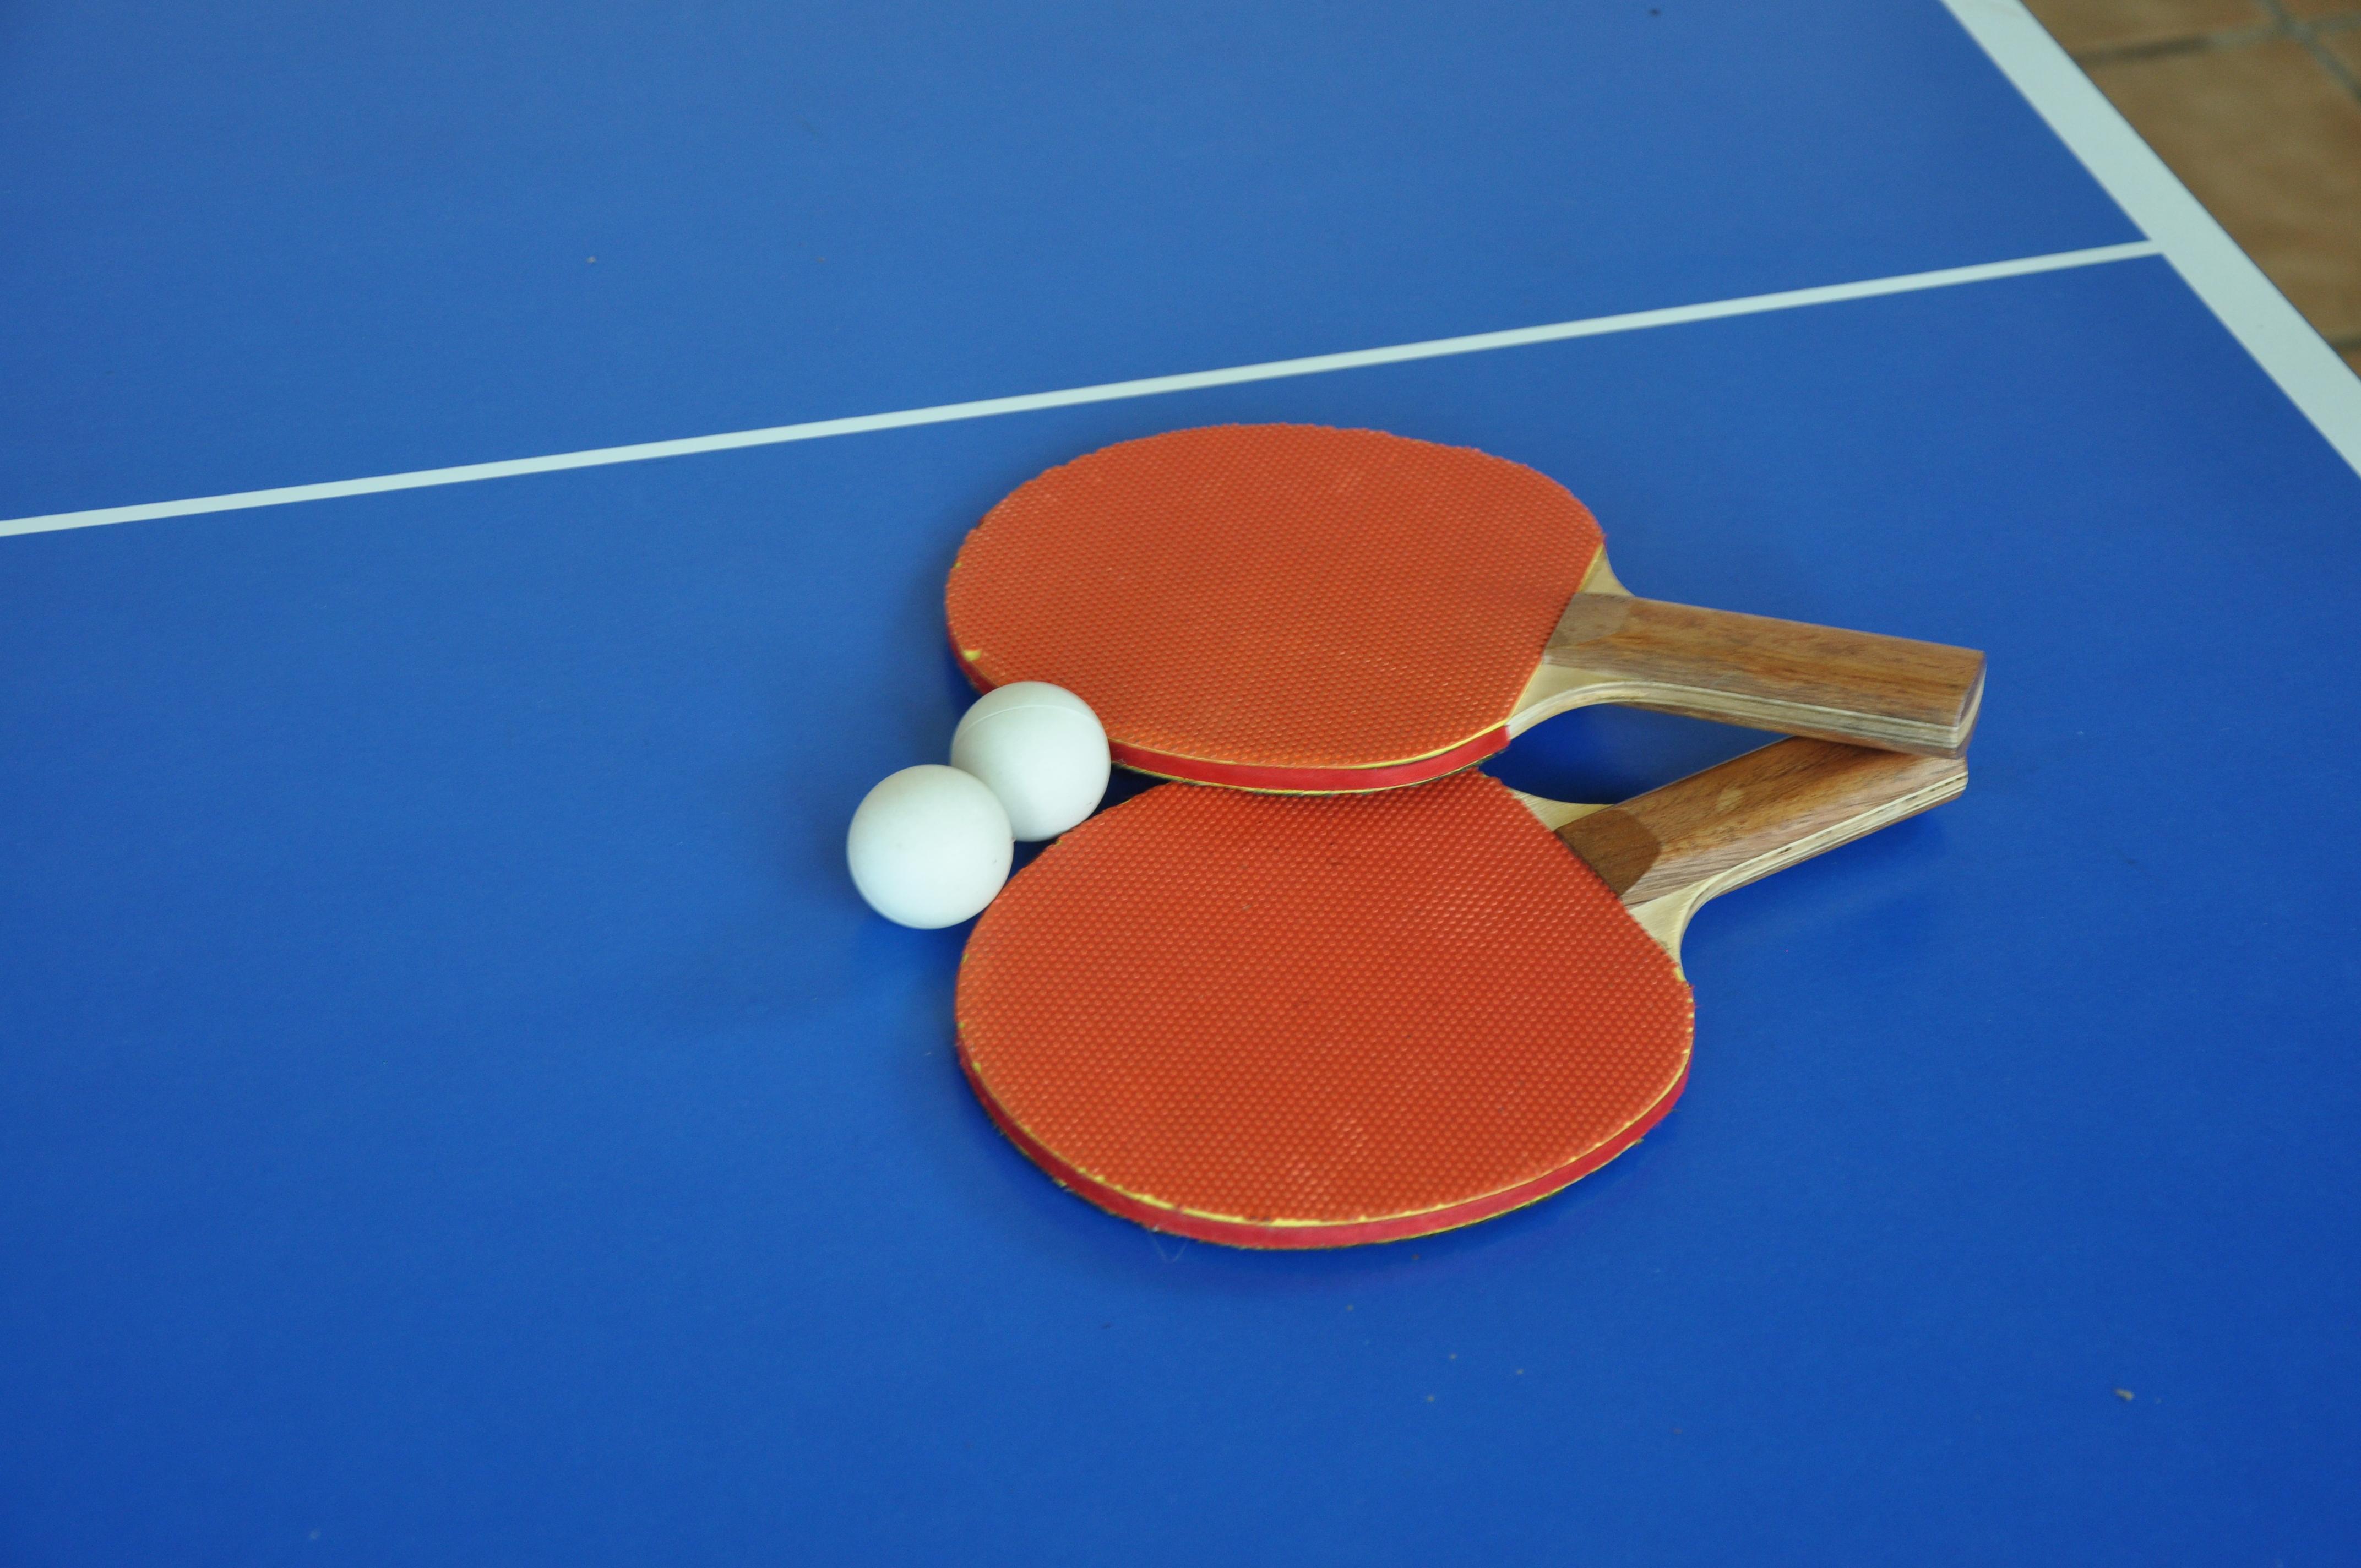 ping pong map alle tischtennisplatten m nchens auf einer karte mit vergn gen m nchen. Black Bedroom Furniture Sets. Home Design Ideas